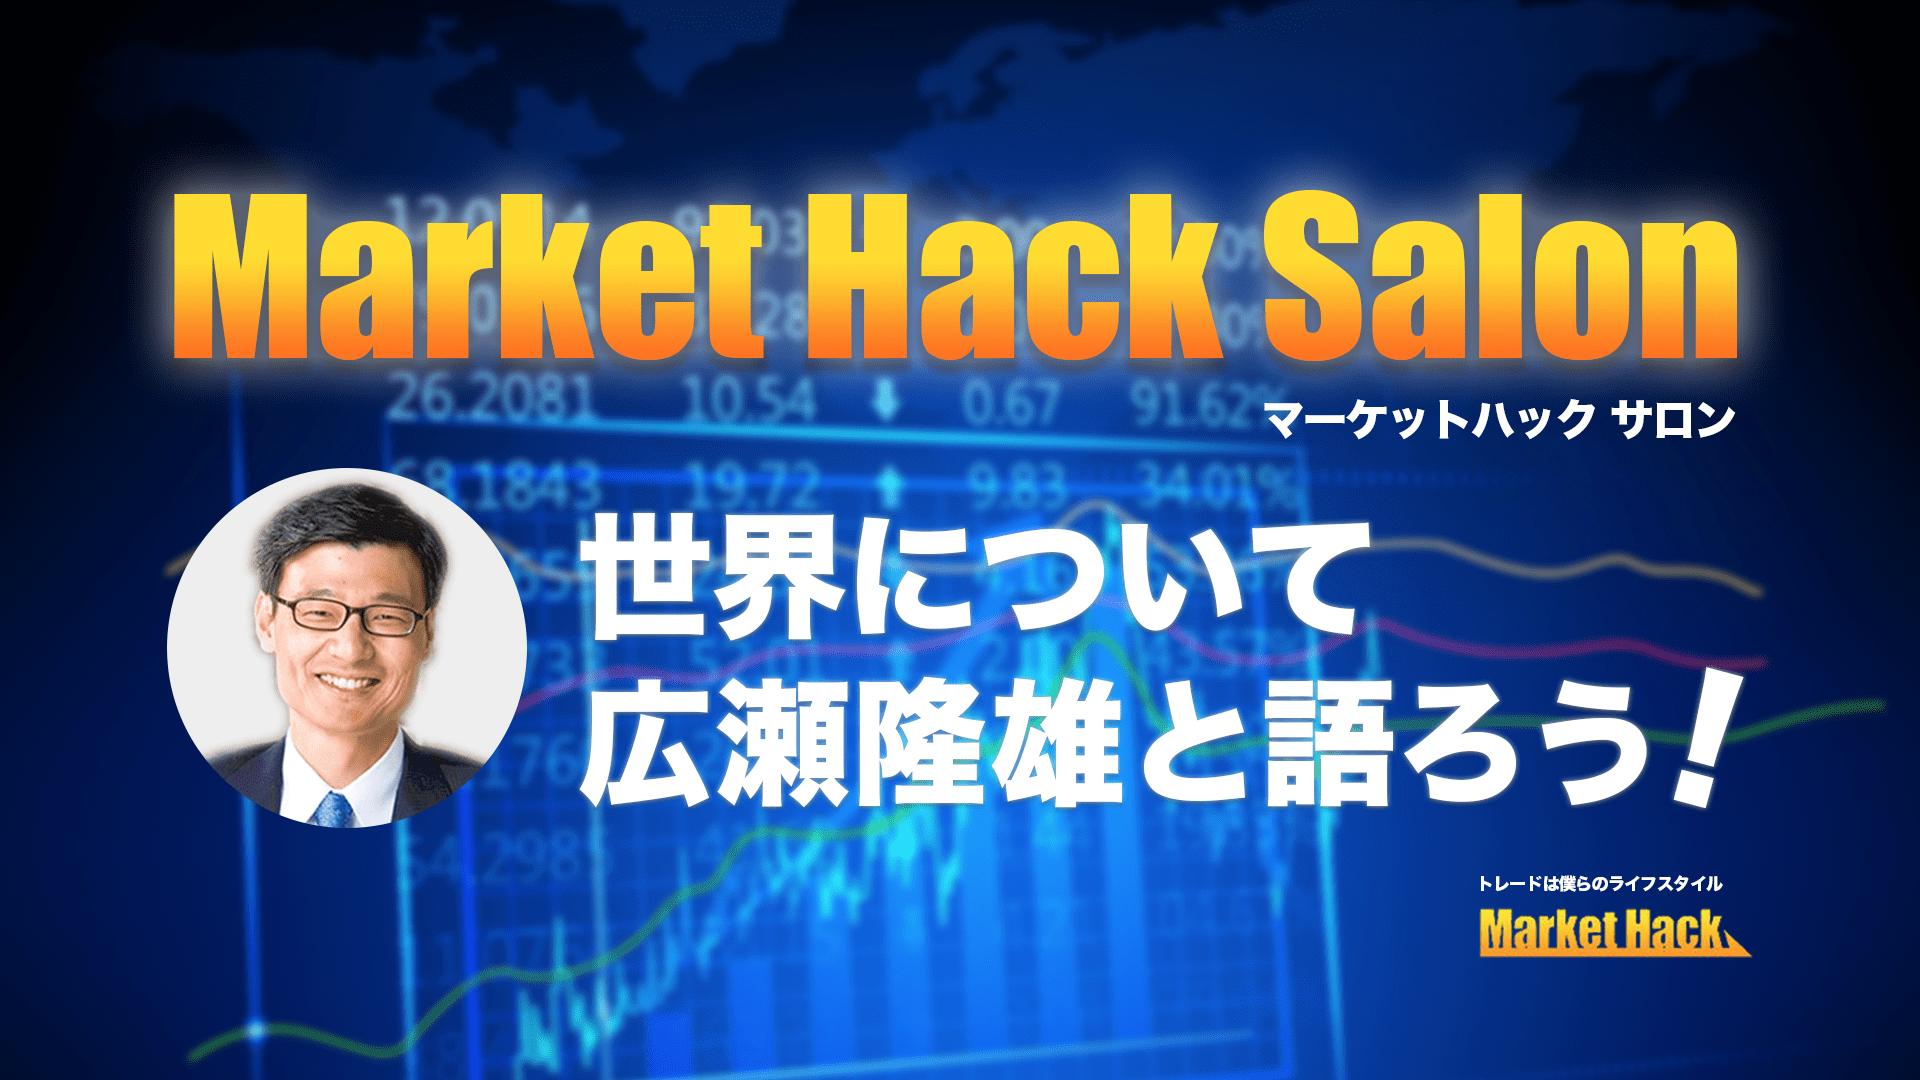 広瀬隆雄 - Market Hack Salon 〜世界について広瀬隆雄と語ろう!〜 - DMM オンラインサロン